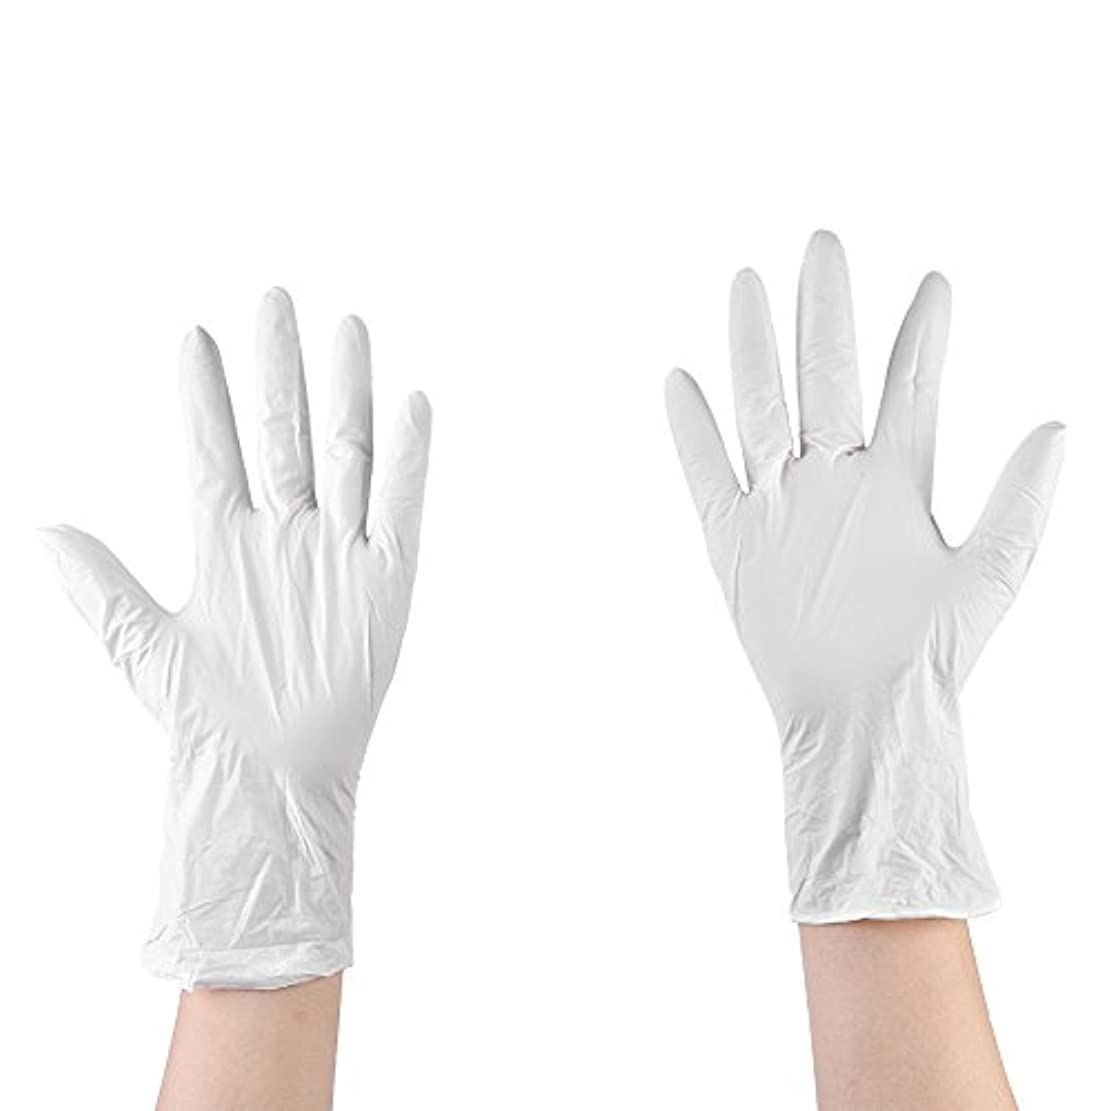 嘆く軍同級生使い捨て手袋 ニトリルグローブ ホワイト 粉なし タトゥー/歯科/病院/研究室に適応 M/L選択可 50枚 左右兼用 作業手袋(M)